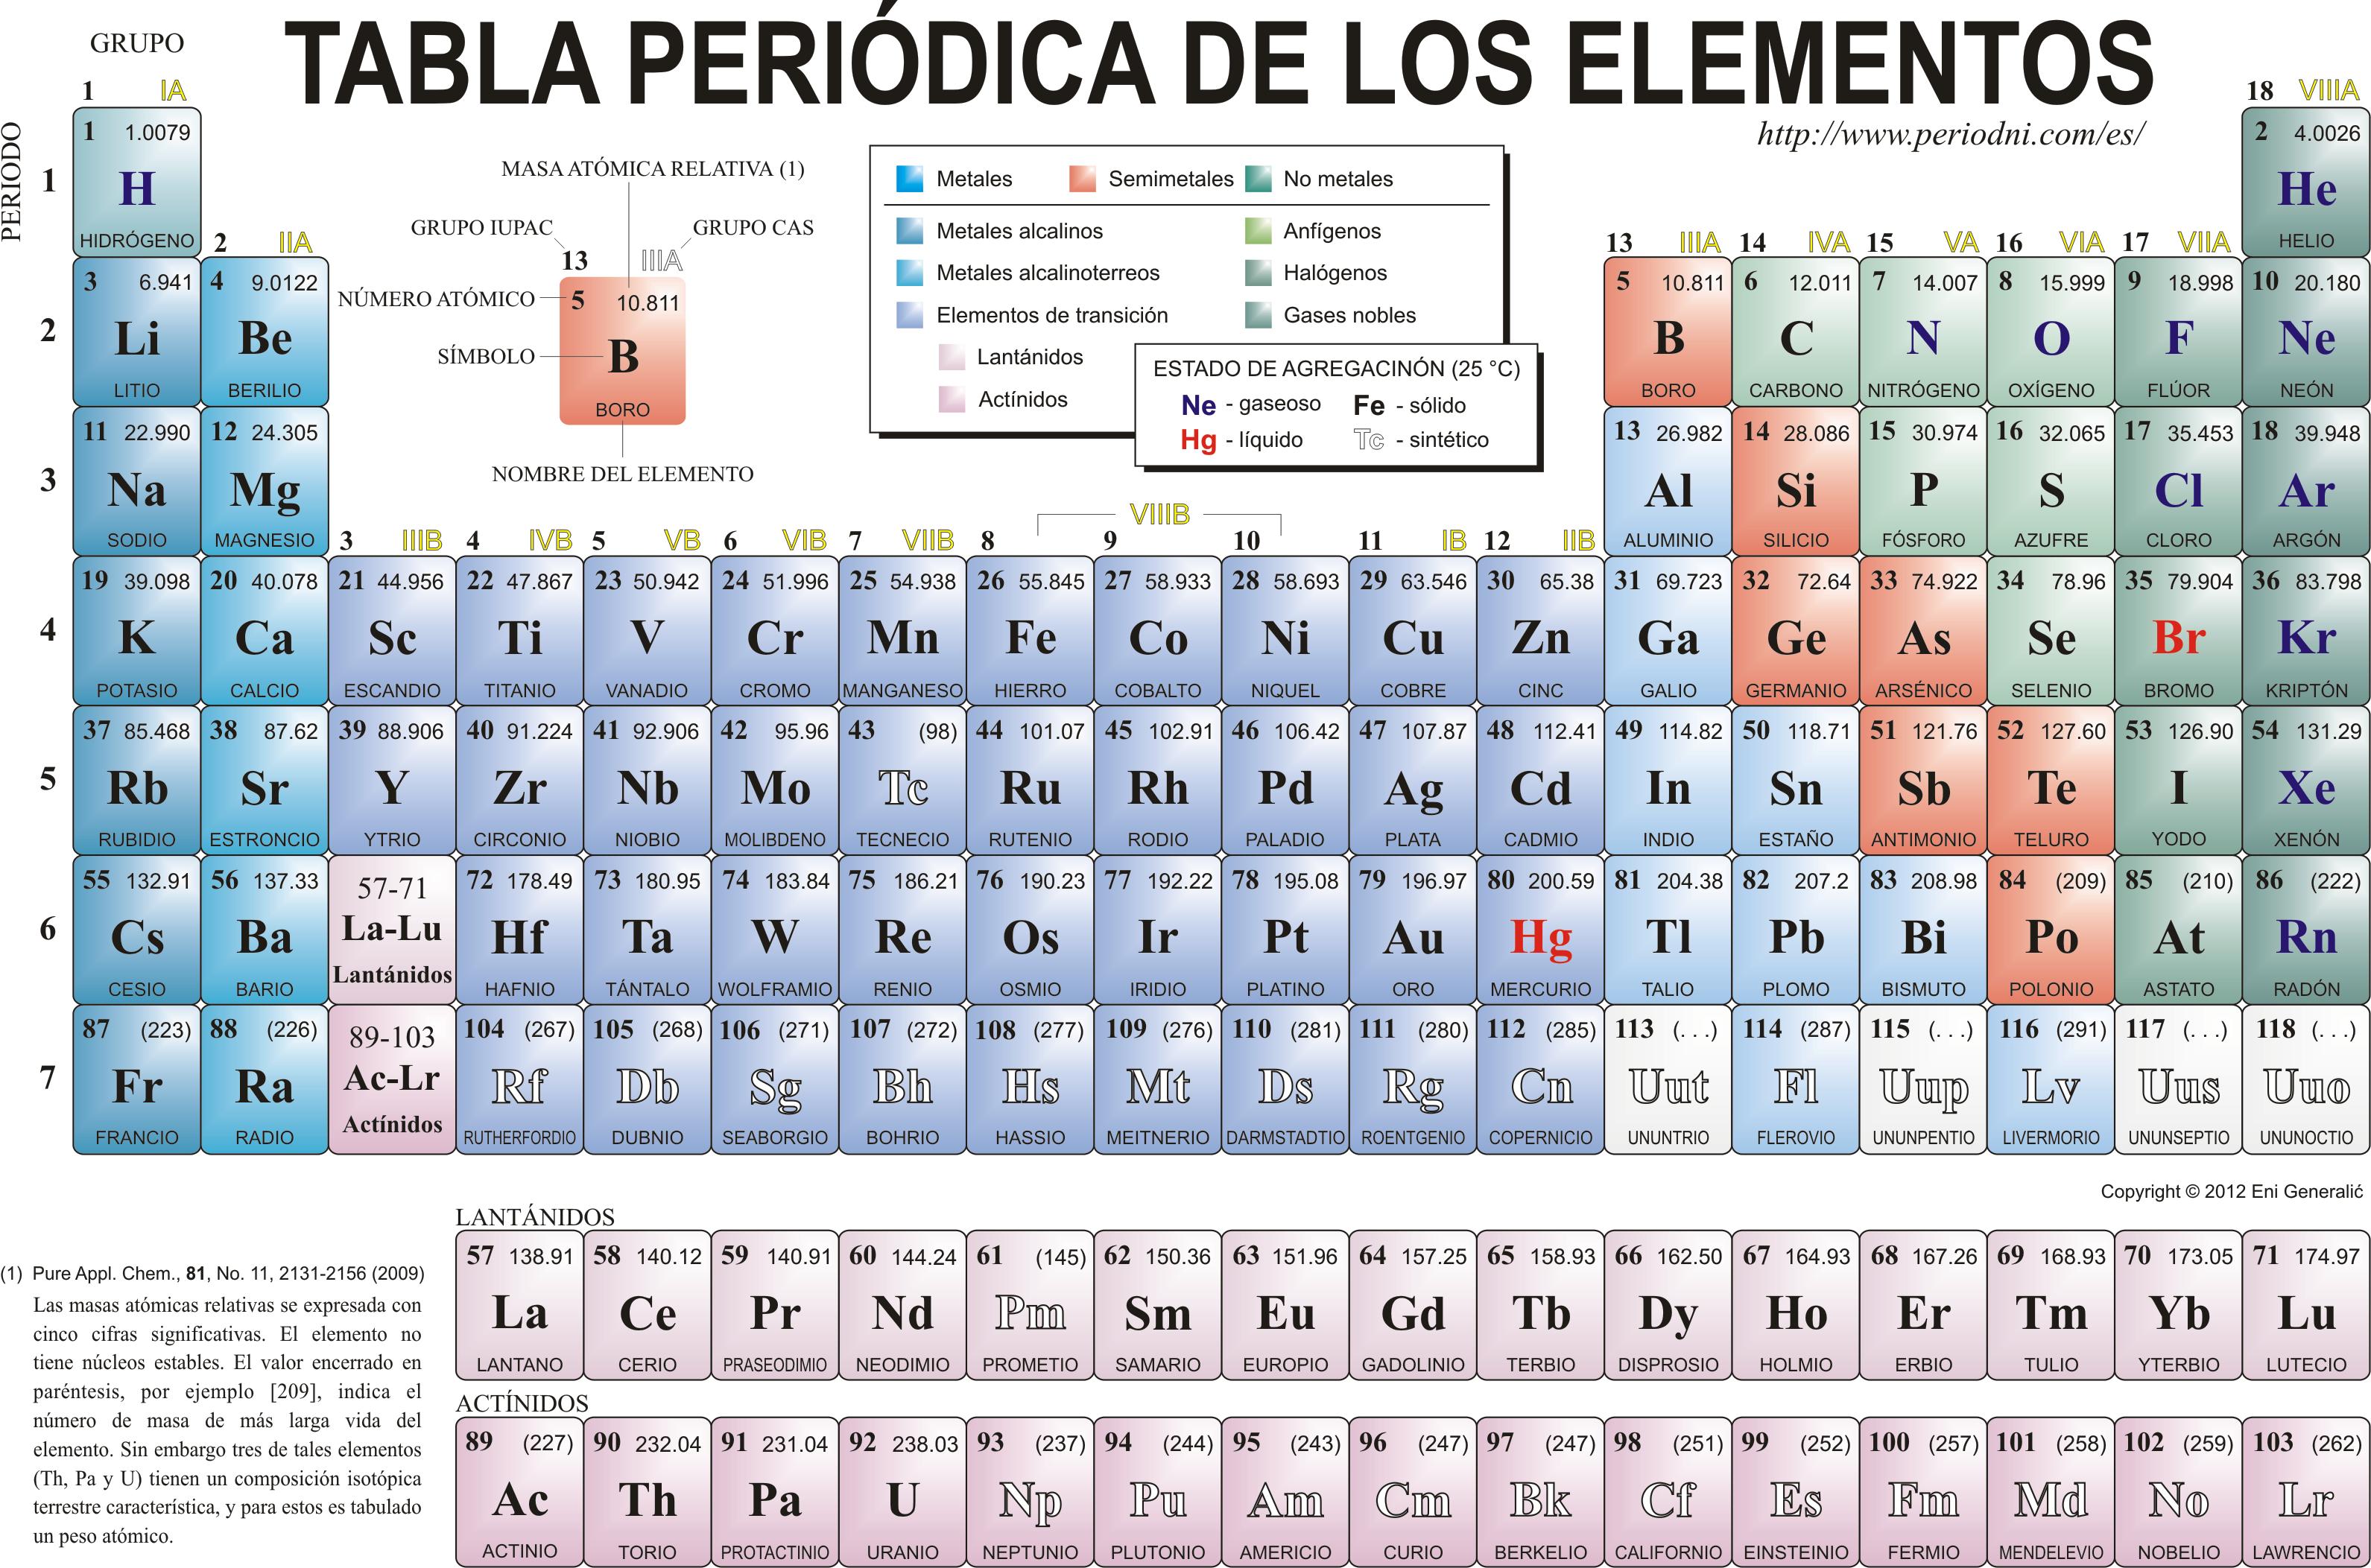 Tabla periodica by pascualfernandezbaeza on emaze en la tabla peridica aparecen todos los elementos conocidos estn ordenados por orden creciente de nmero atmico urtaz Choice Image